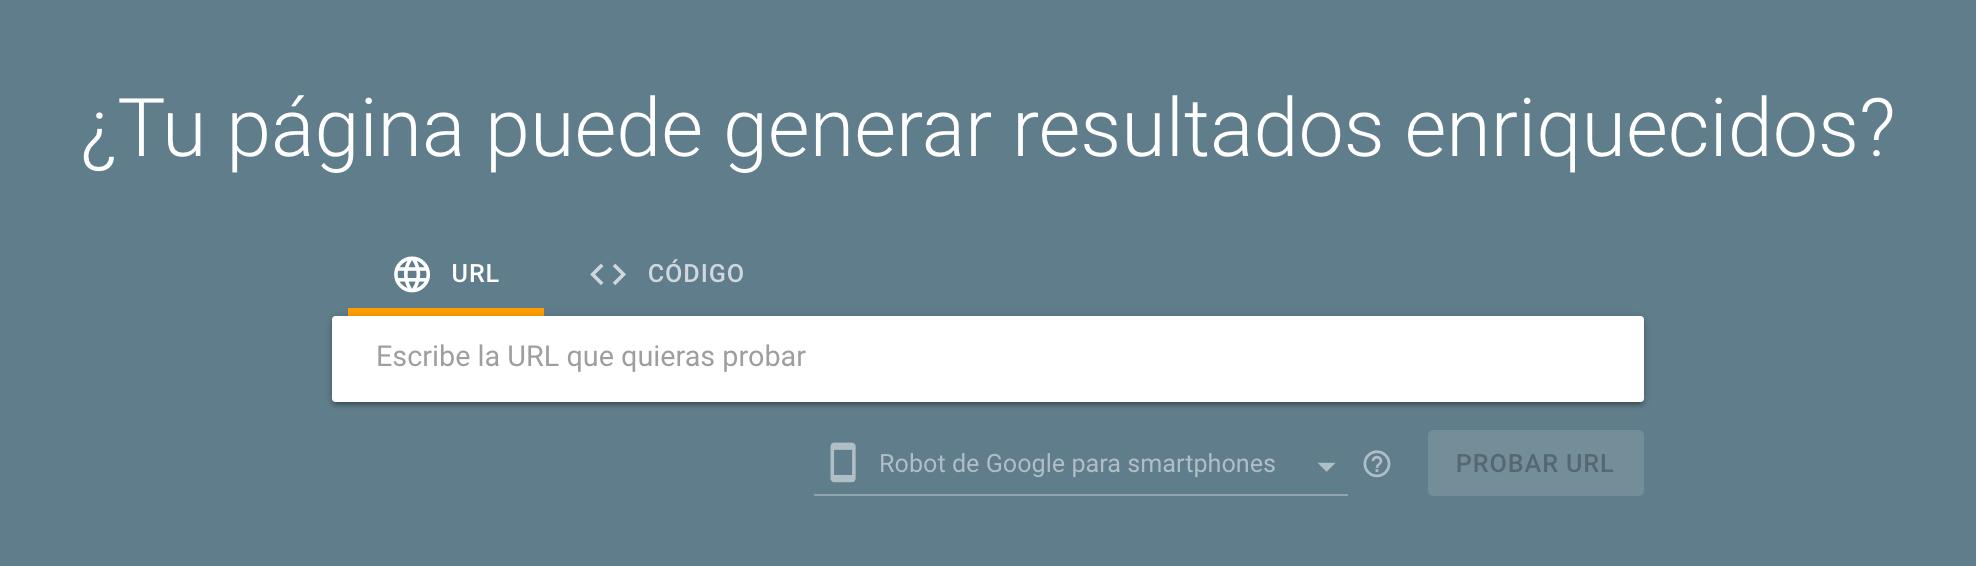 herramienta seo de google rich results test para comprobar los resultados enriquecidos